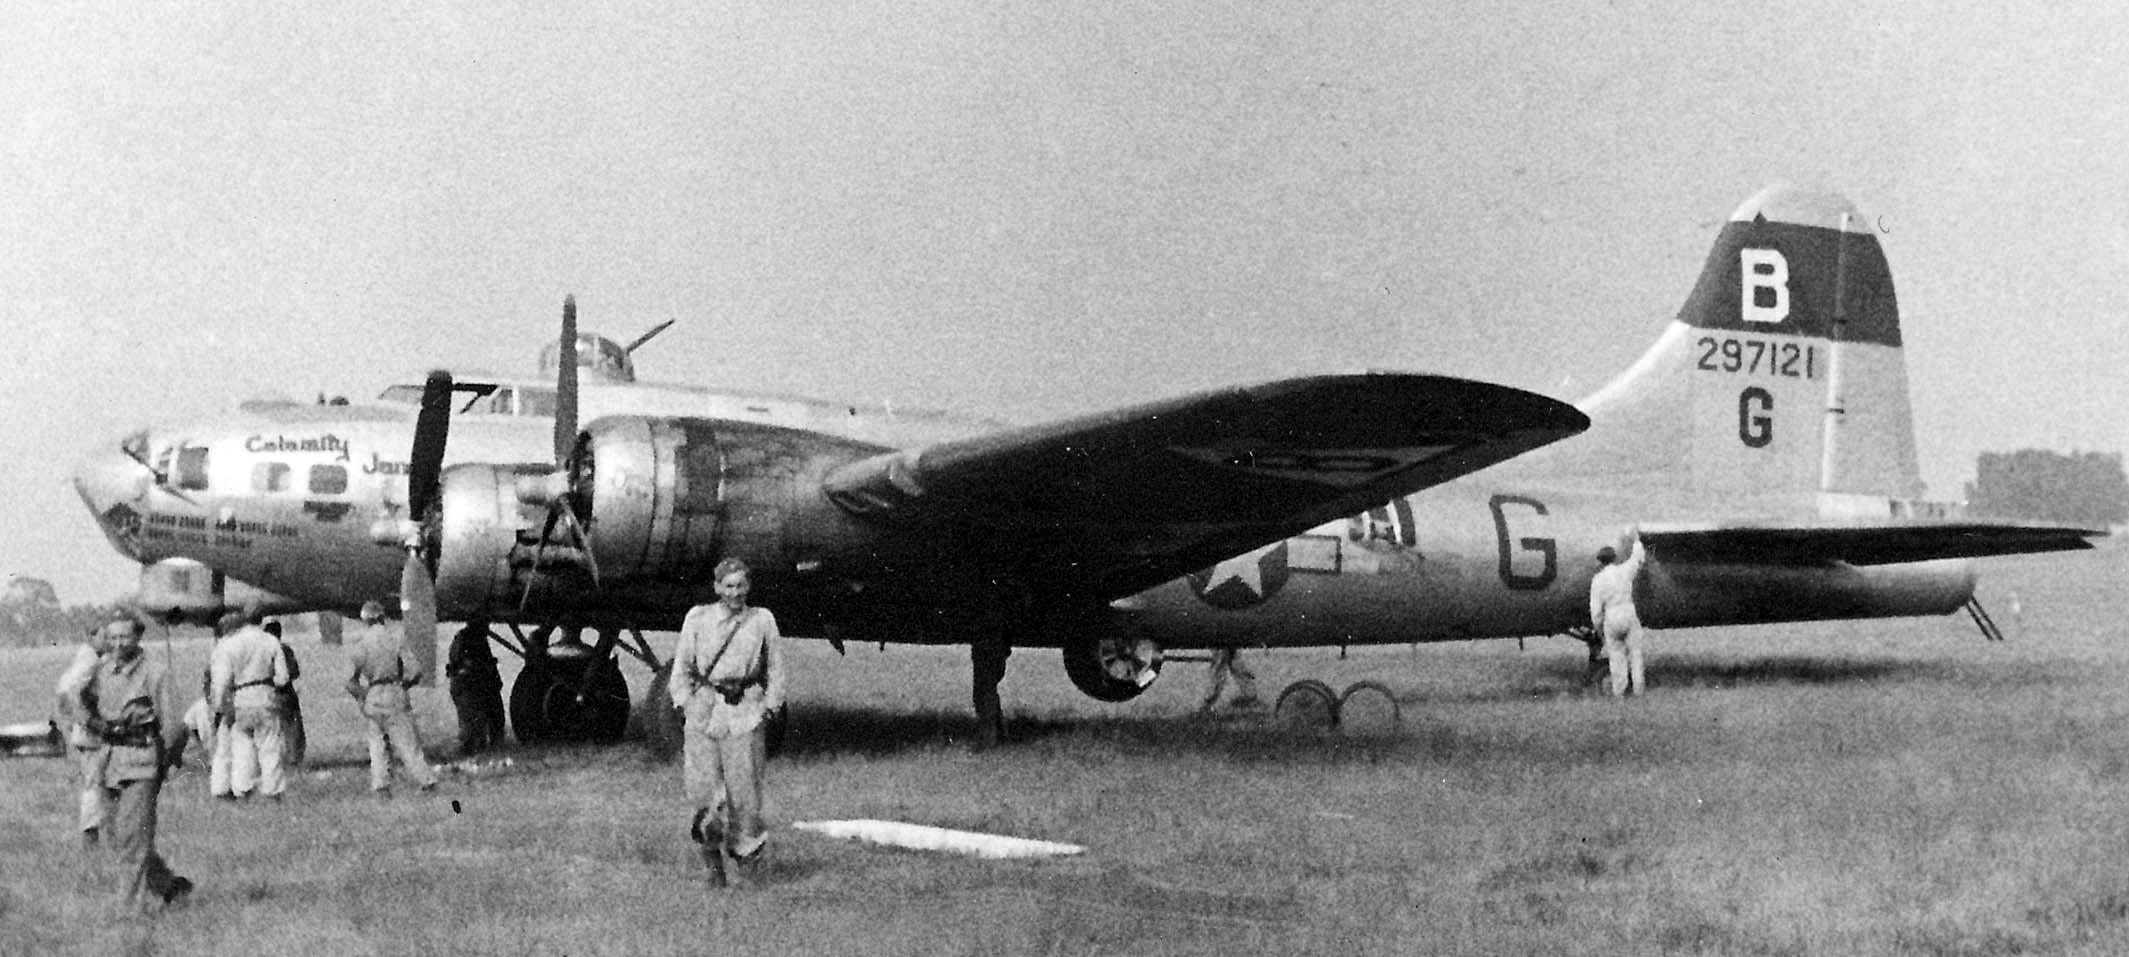 B-17 #42-97121 / Calamity Jane